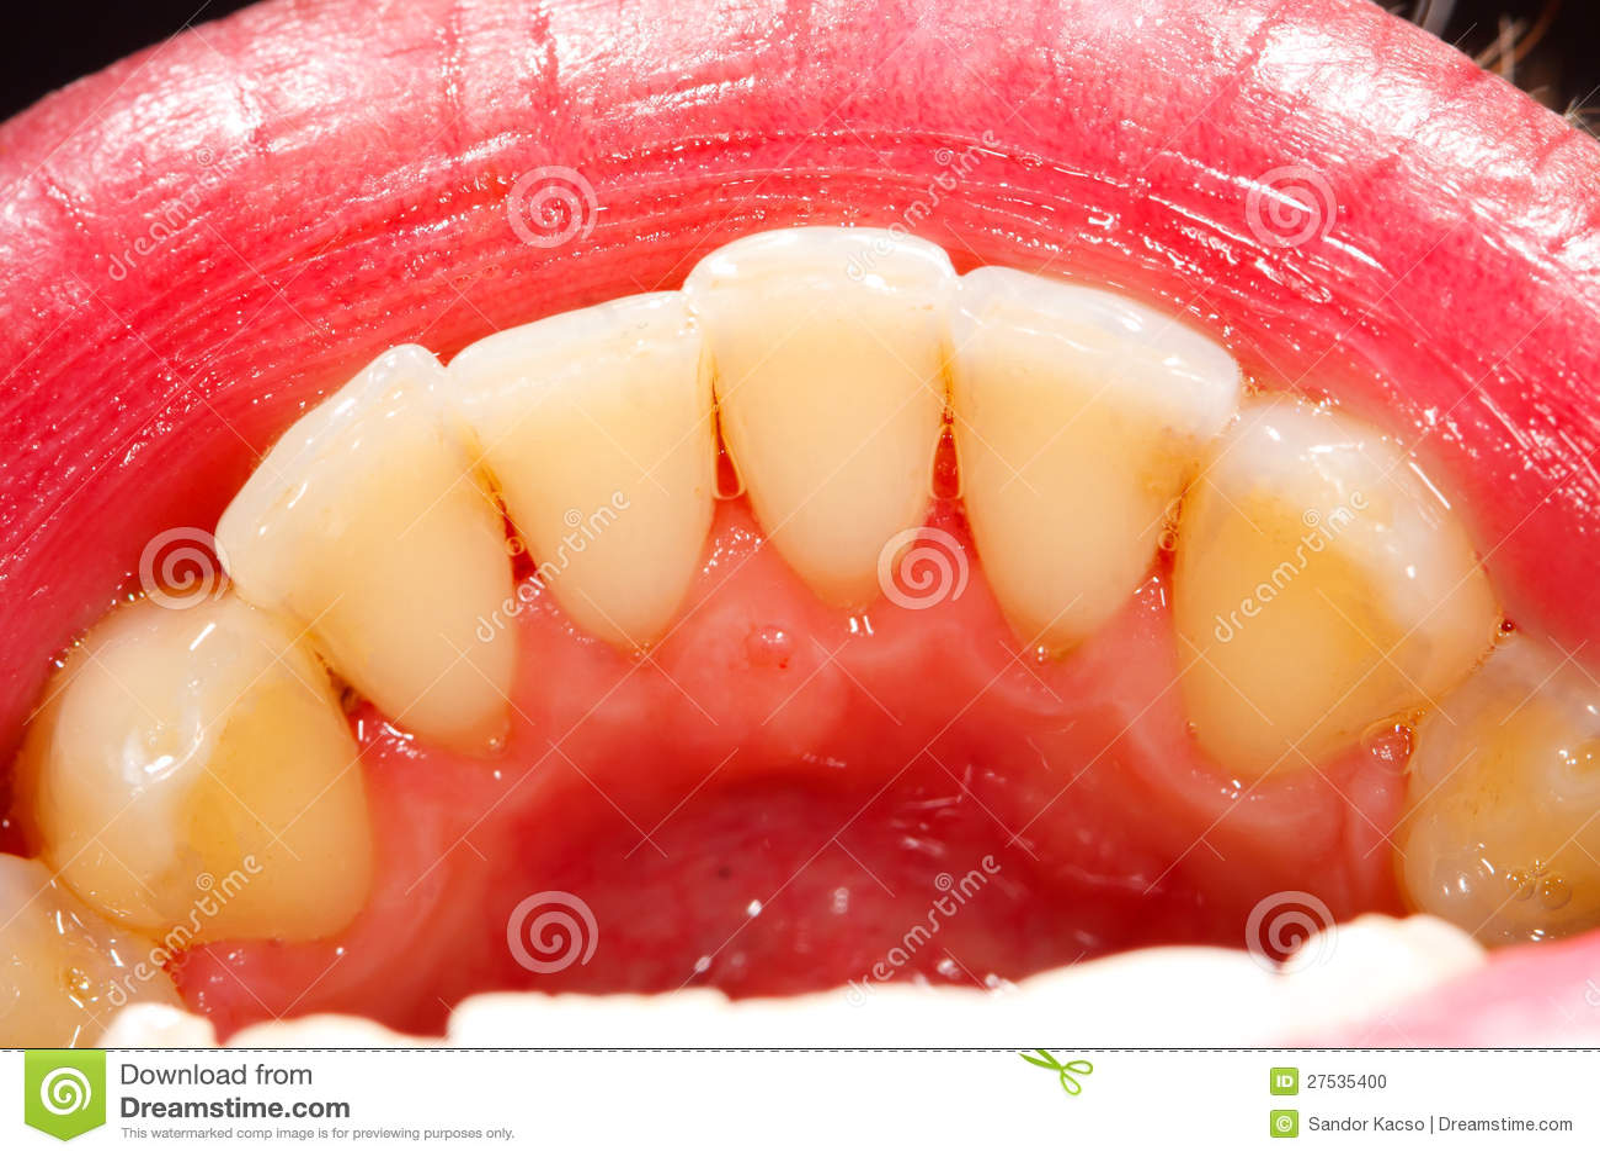 Dientes humanos foto de archivo. Imagen de dientes, primer - 27535400